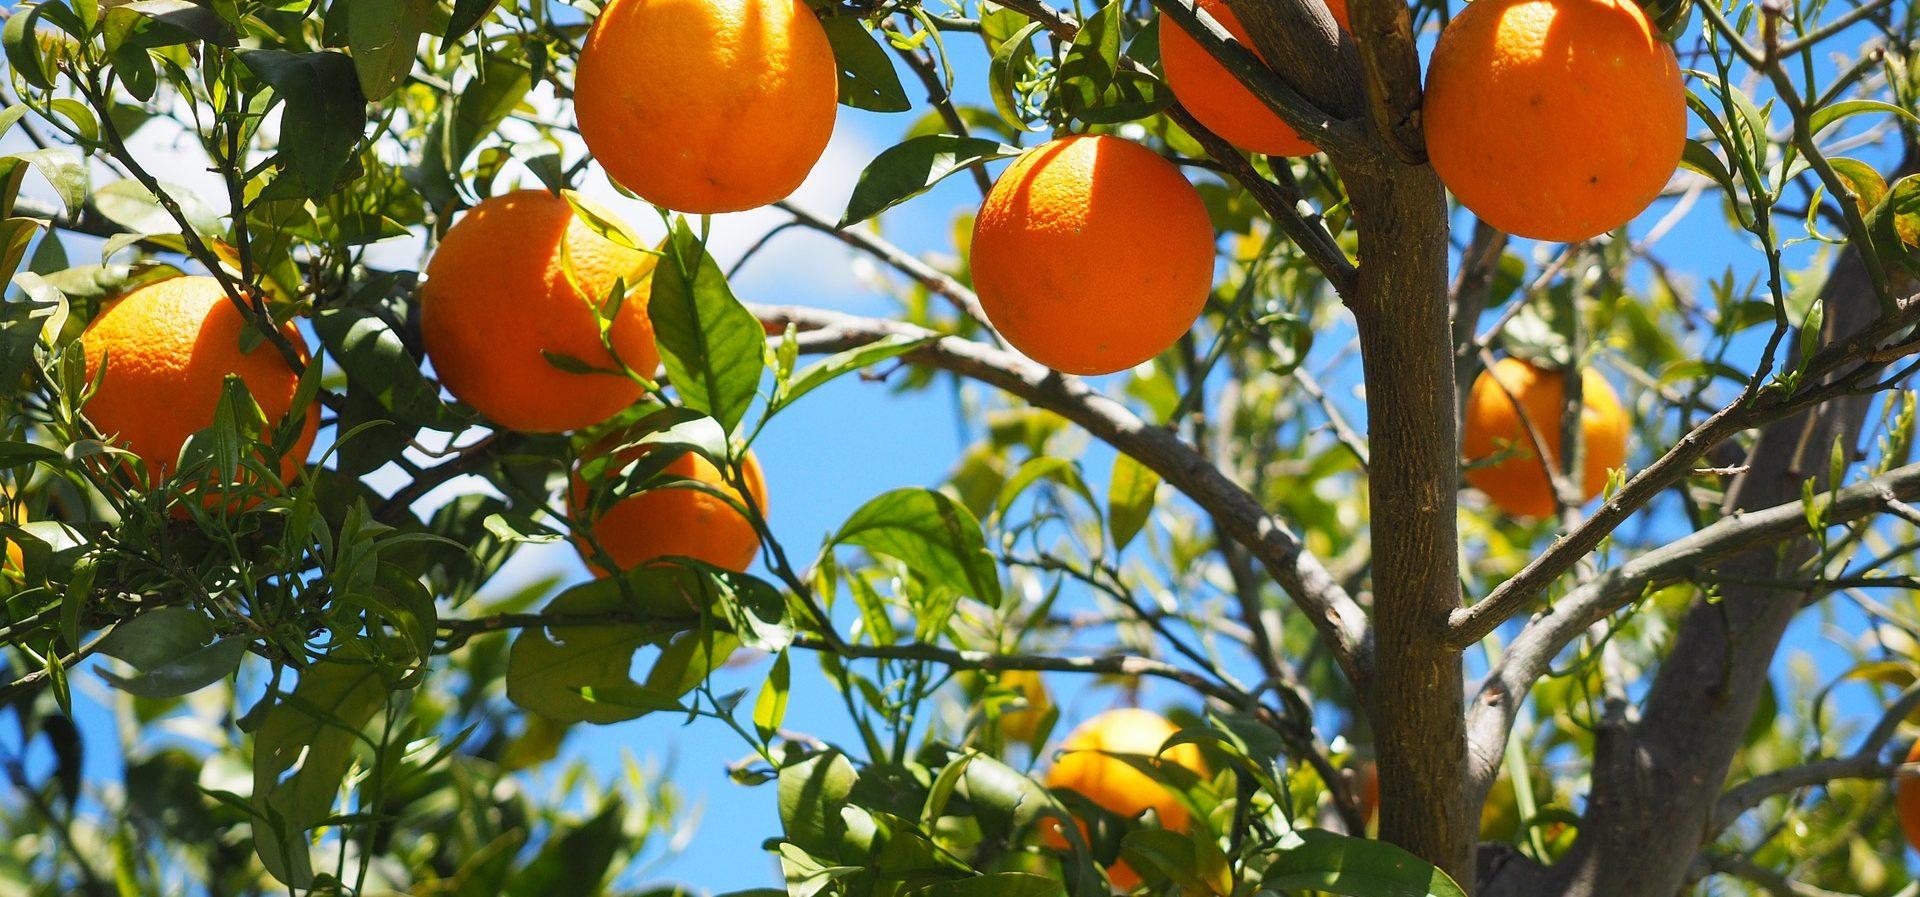 fruitboom plukken tuin